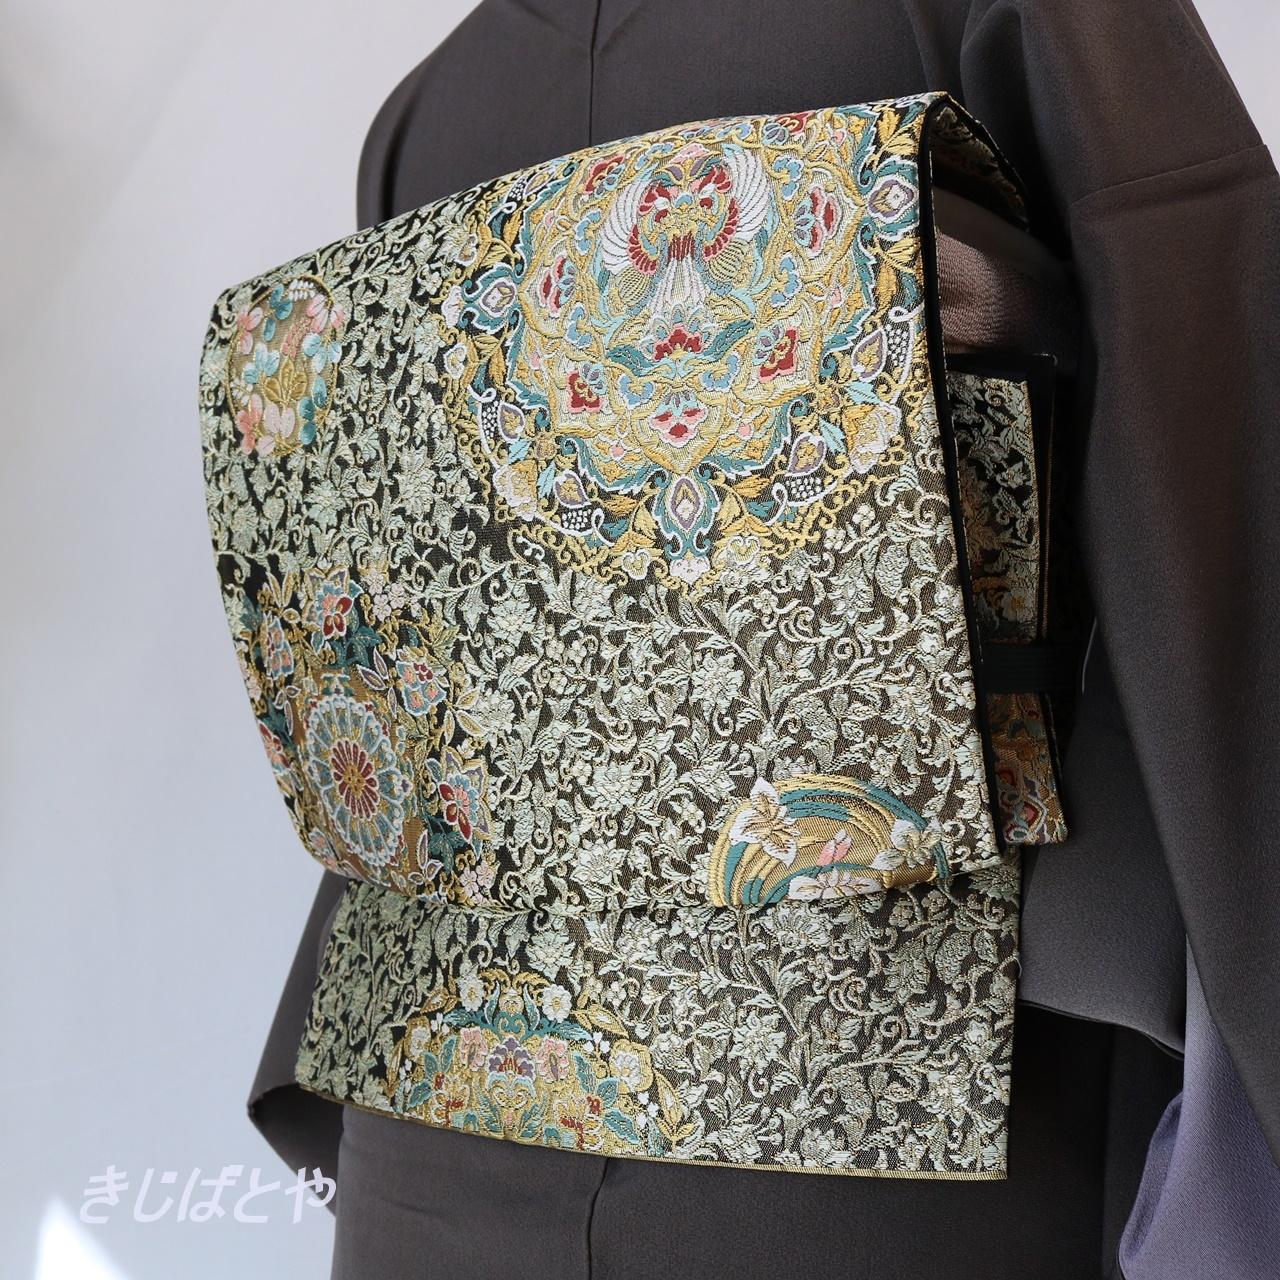 正絹 黒地に青磁の織りの袋帯